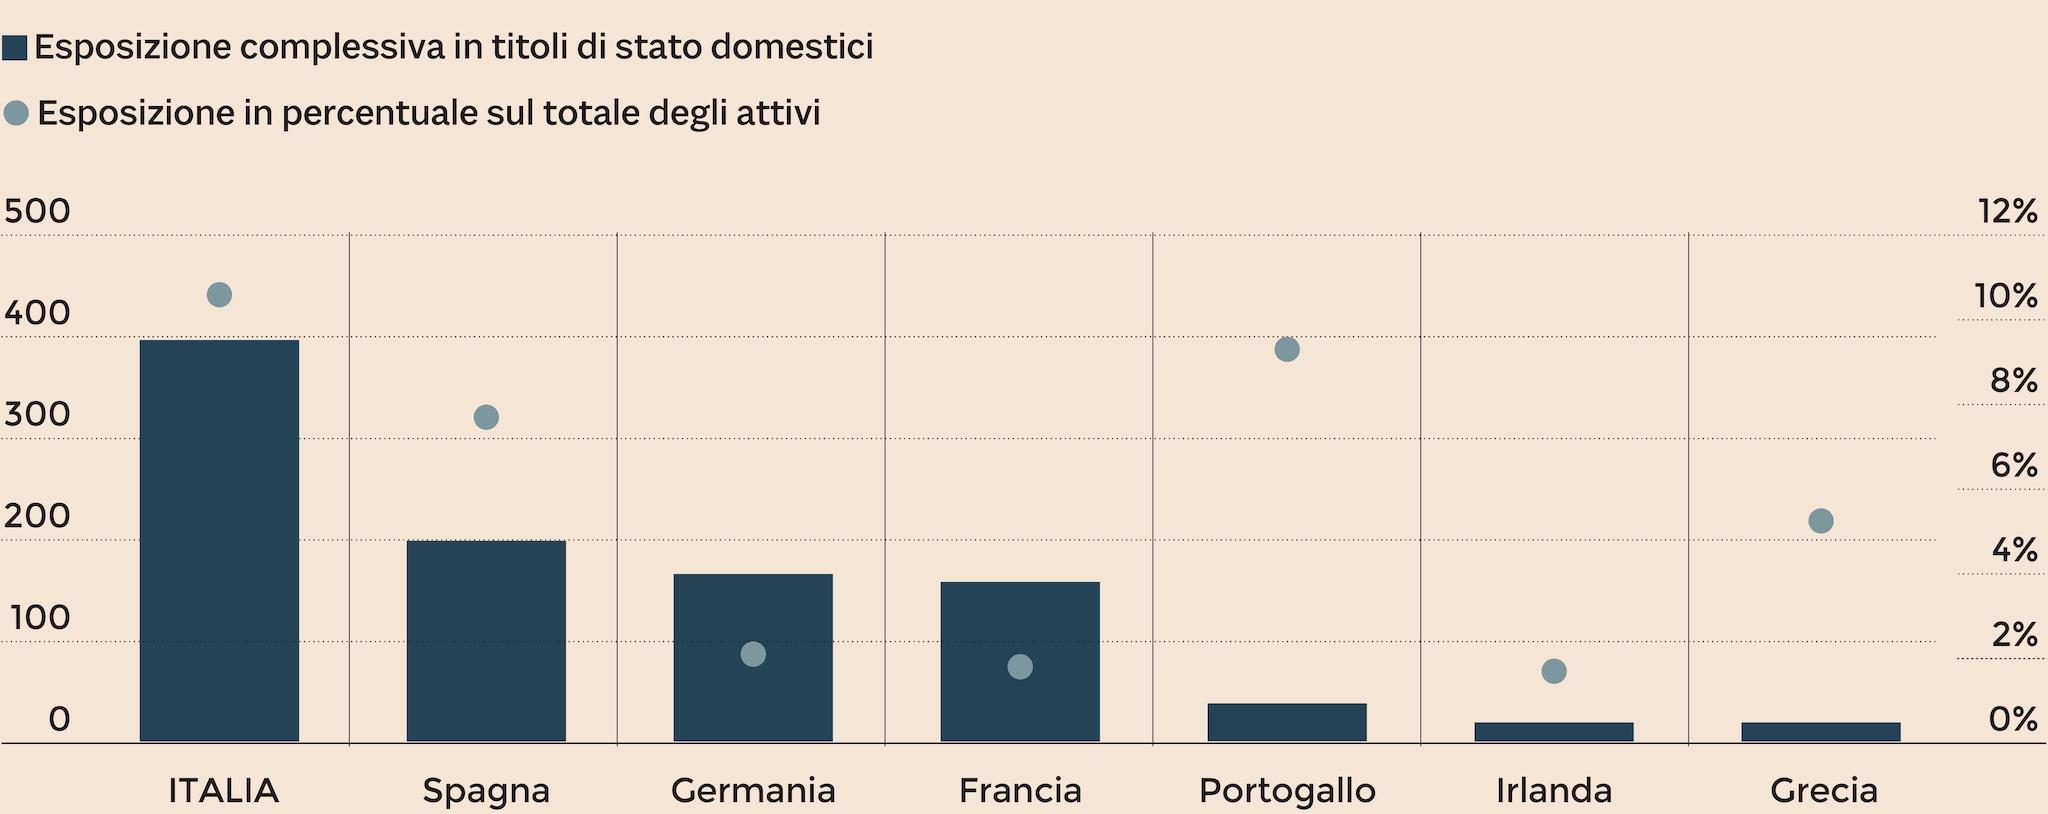 BANCHE E TITOLI DI STATO IN CONFRONTO IN EUROPA